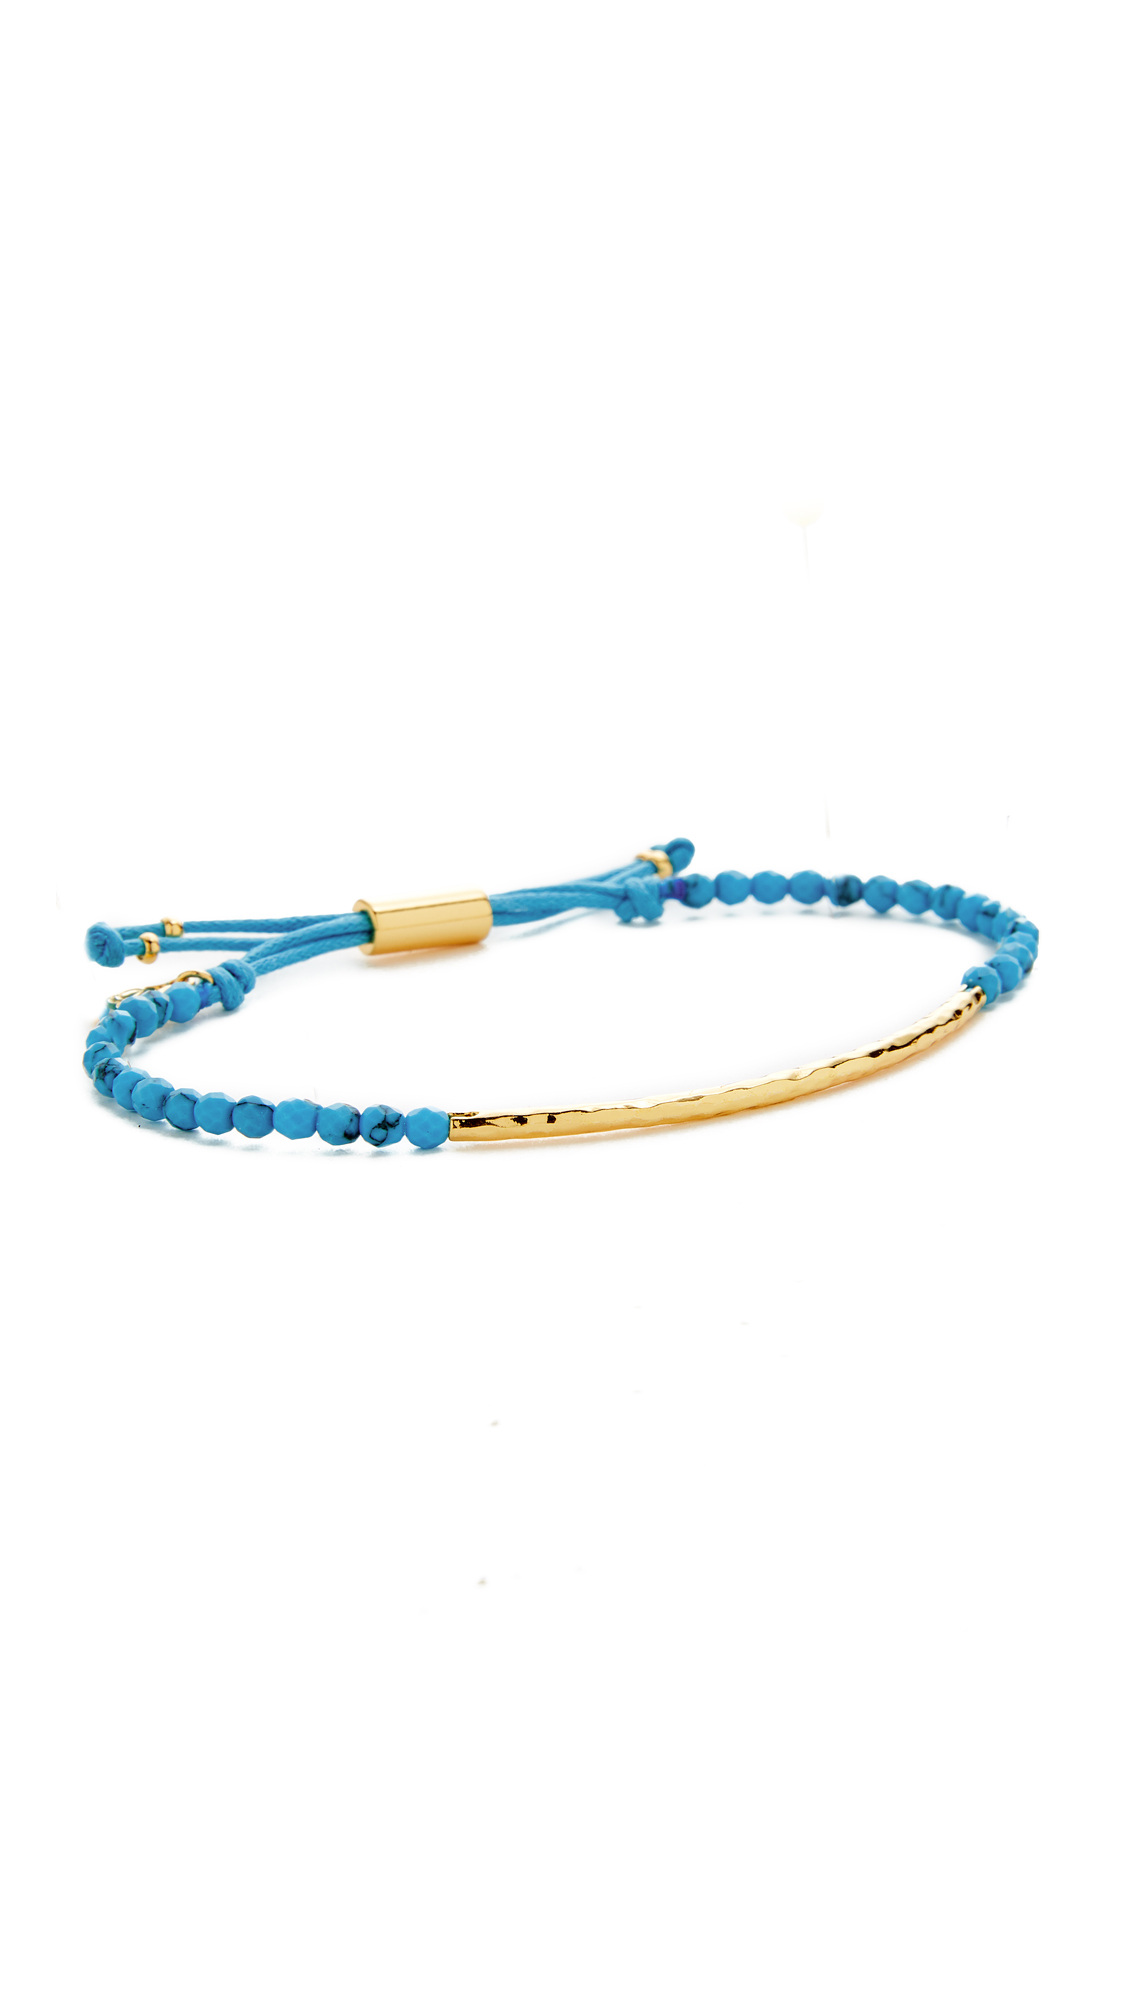 Gorjana Power Bracelet for Healing - Turquoise/Gold